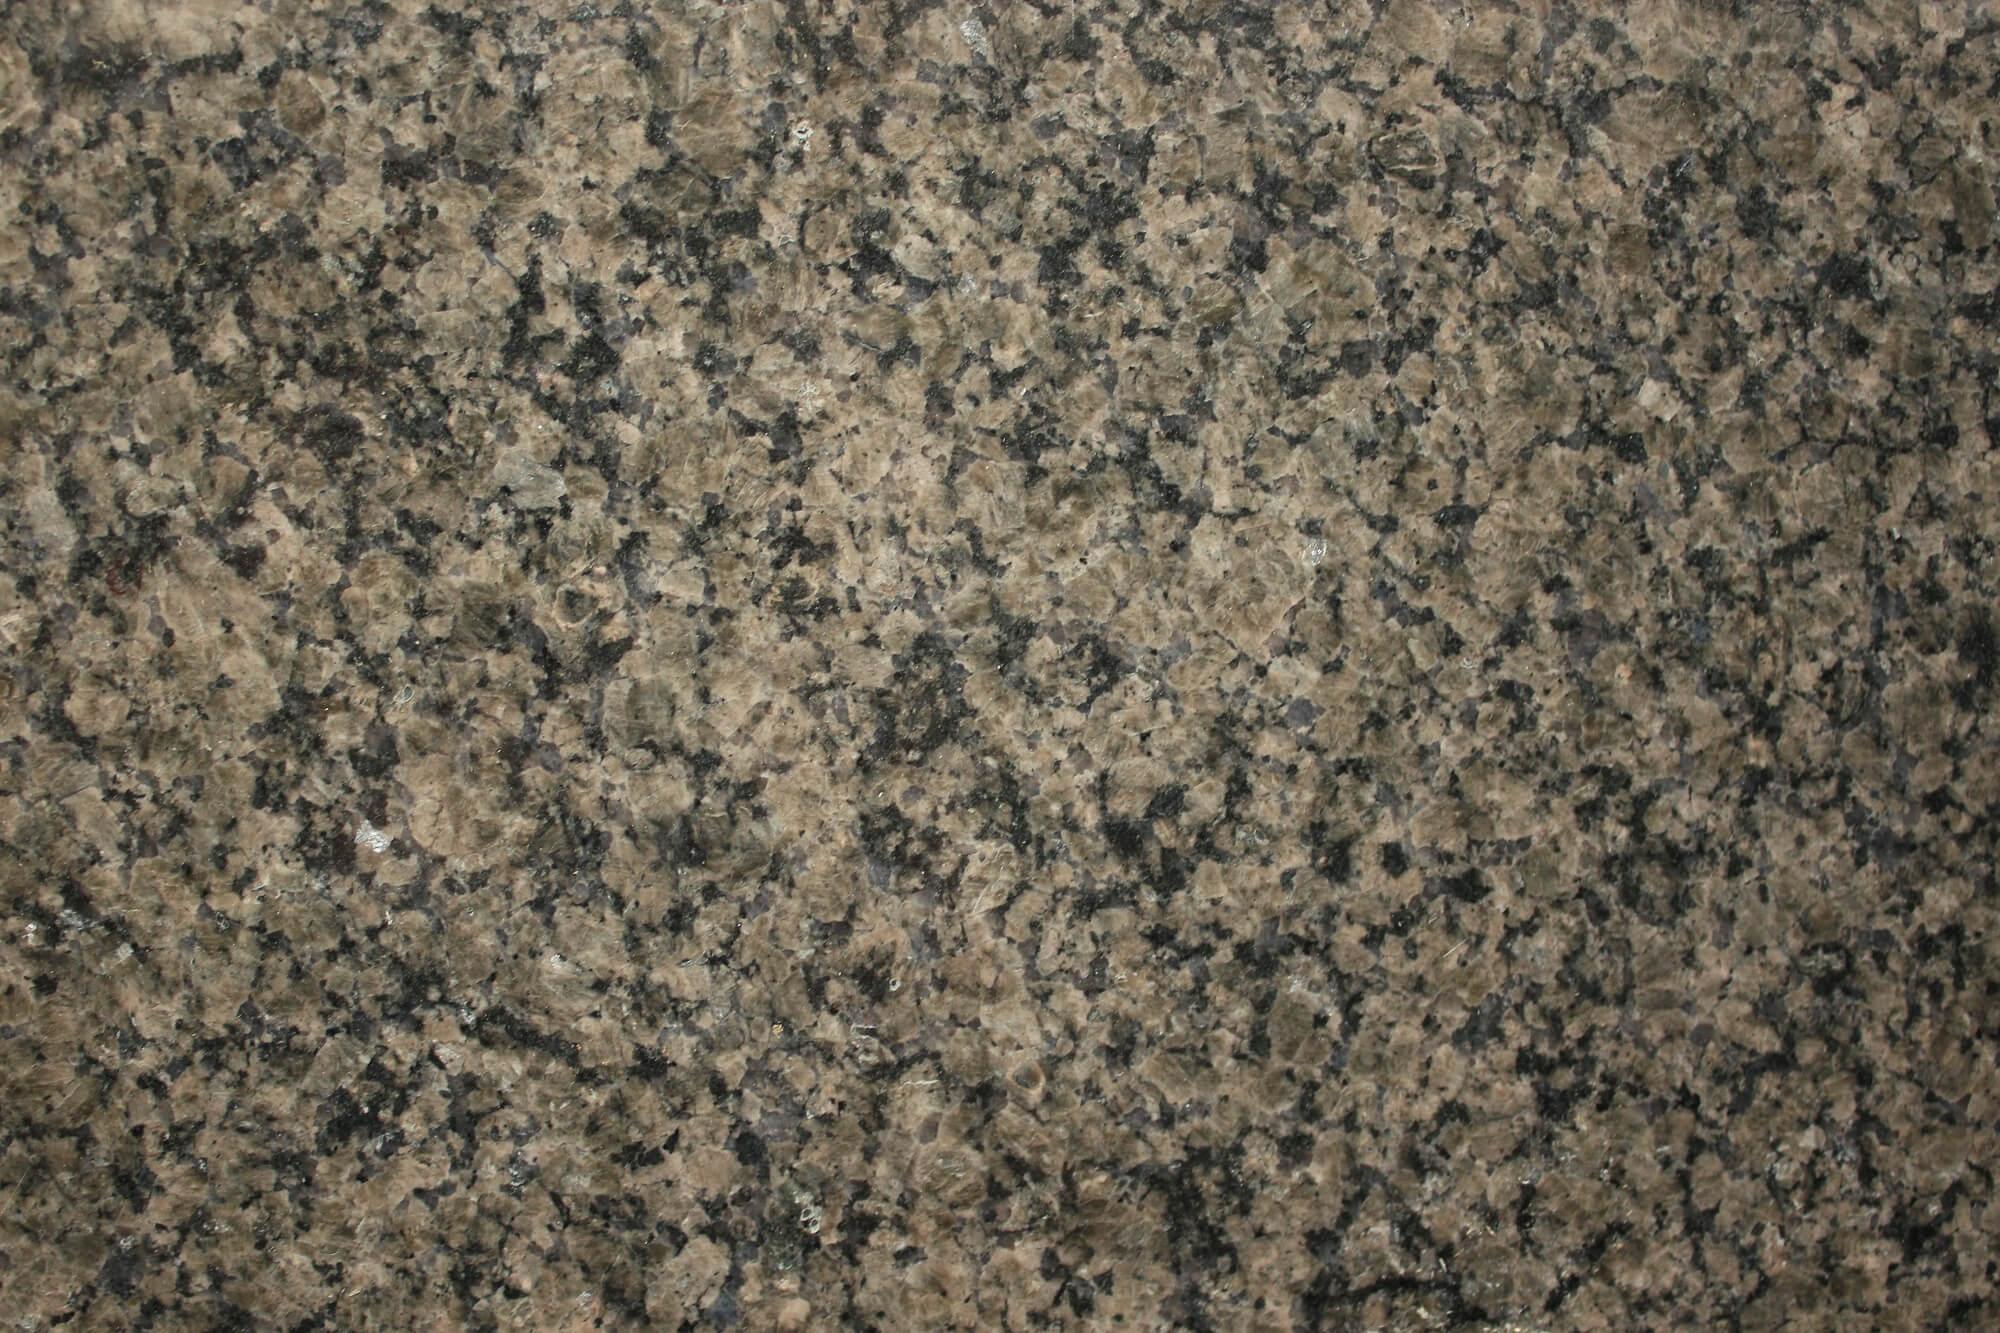 Bevers Tropical Brown фото 1 — камень от Bevers Marmyr